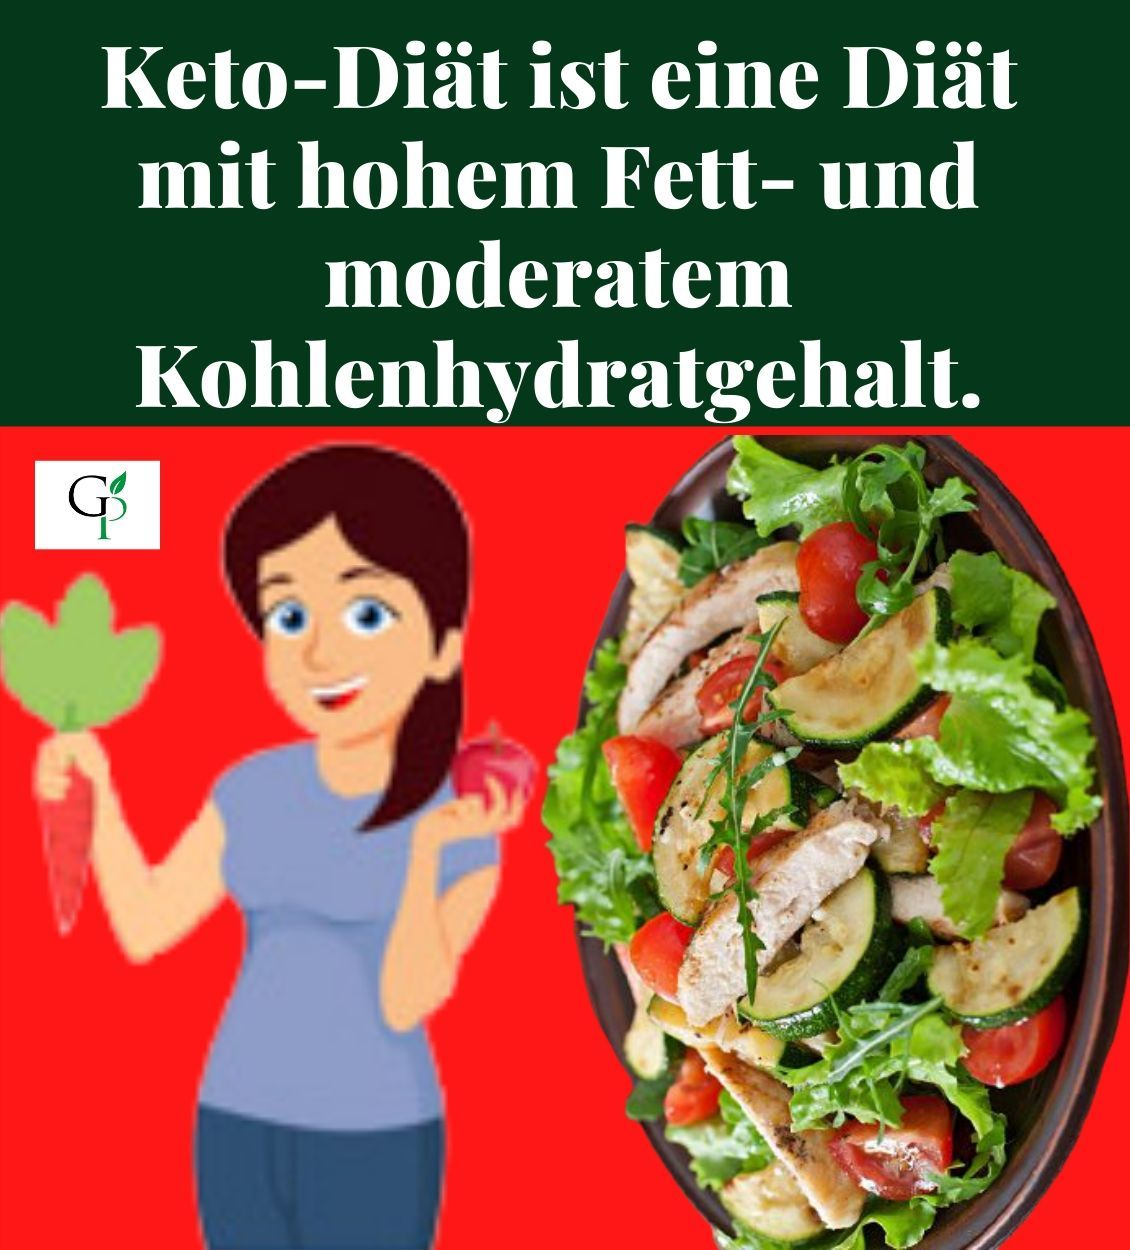 Diät verlieren 5 kg